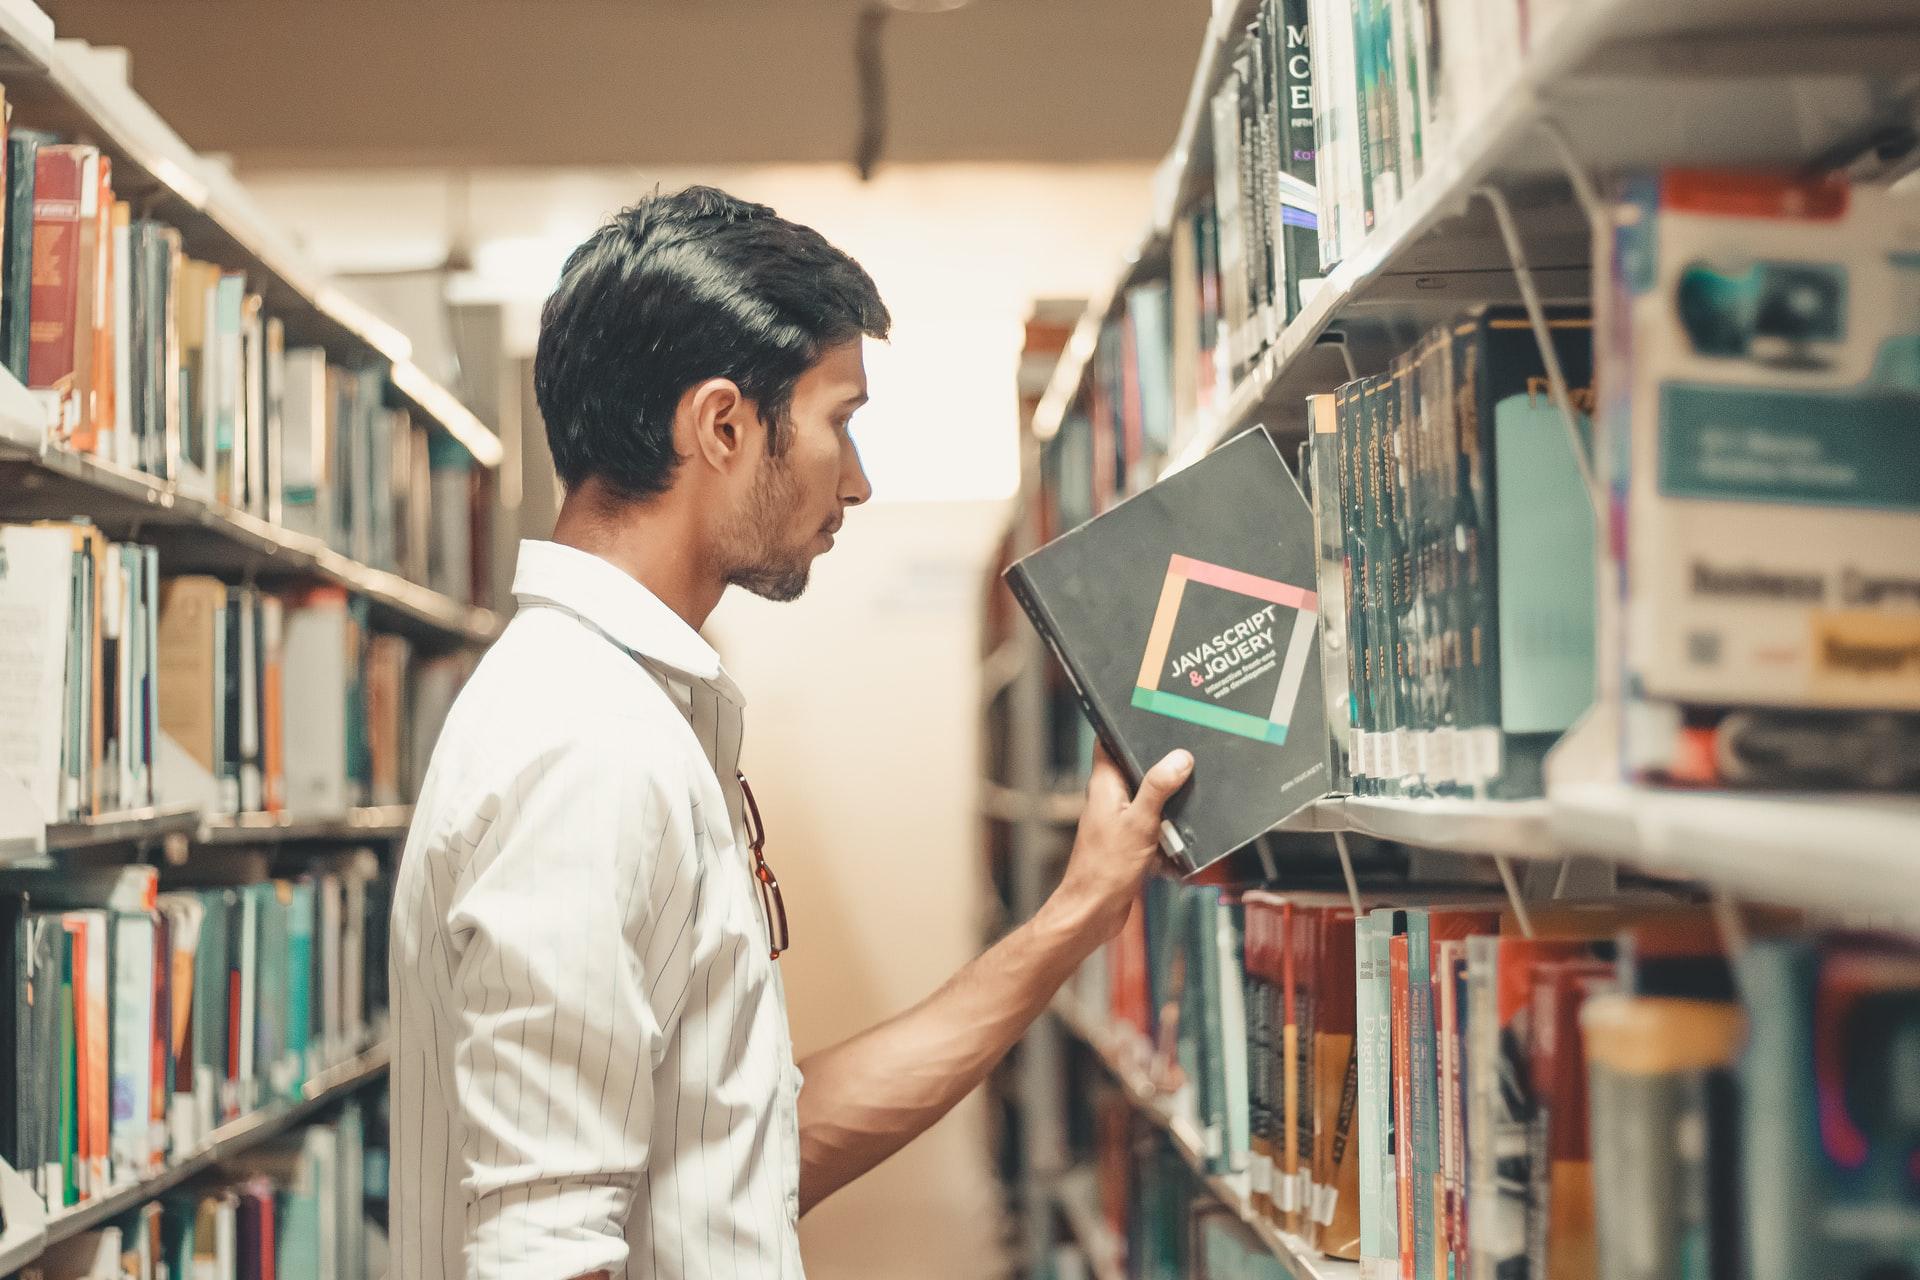 homem escolhe livro numa estante de biblioteca